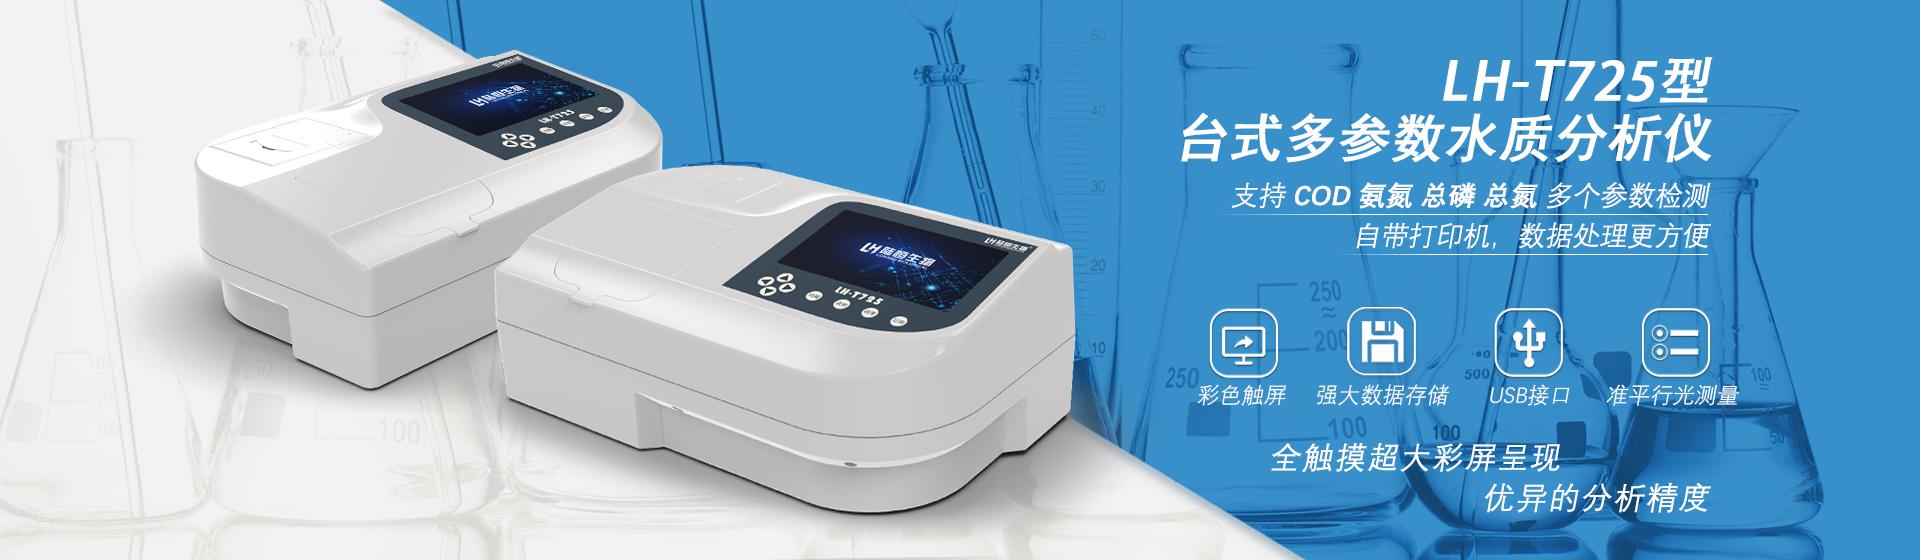 banner-臺式多參數檢測儀LH-T725-官網-2